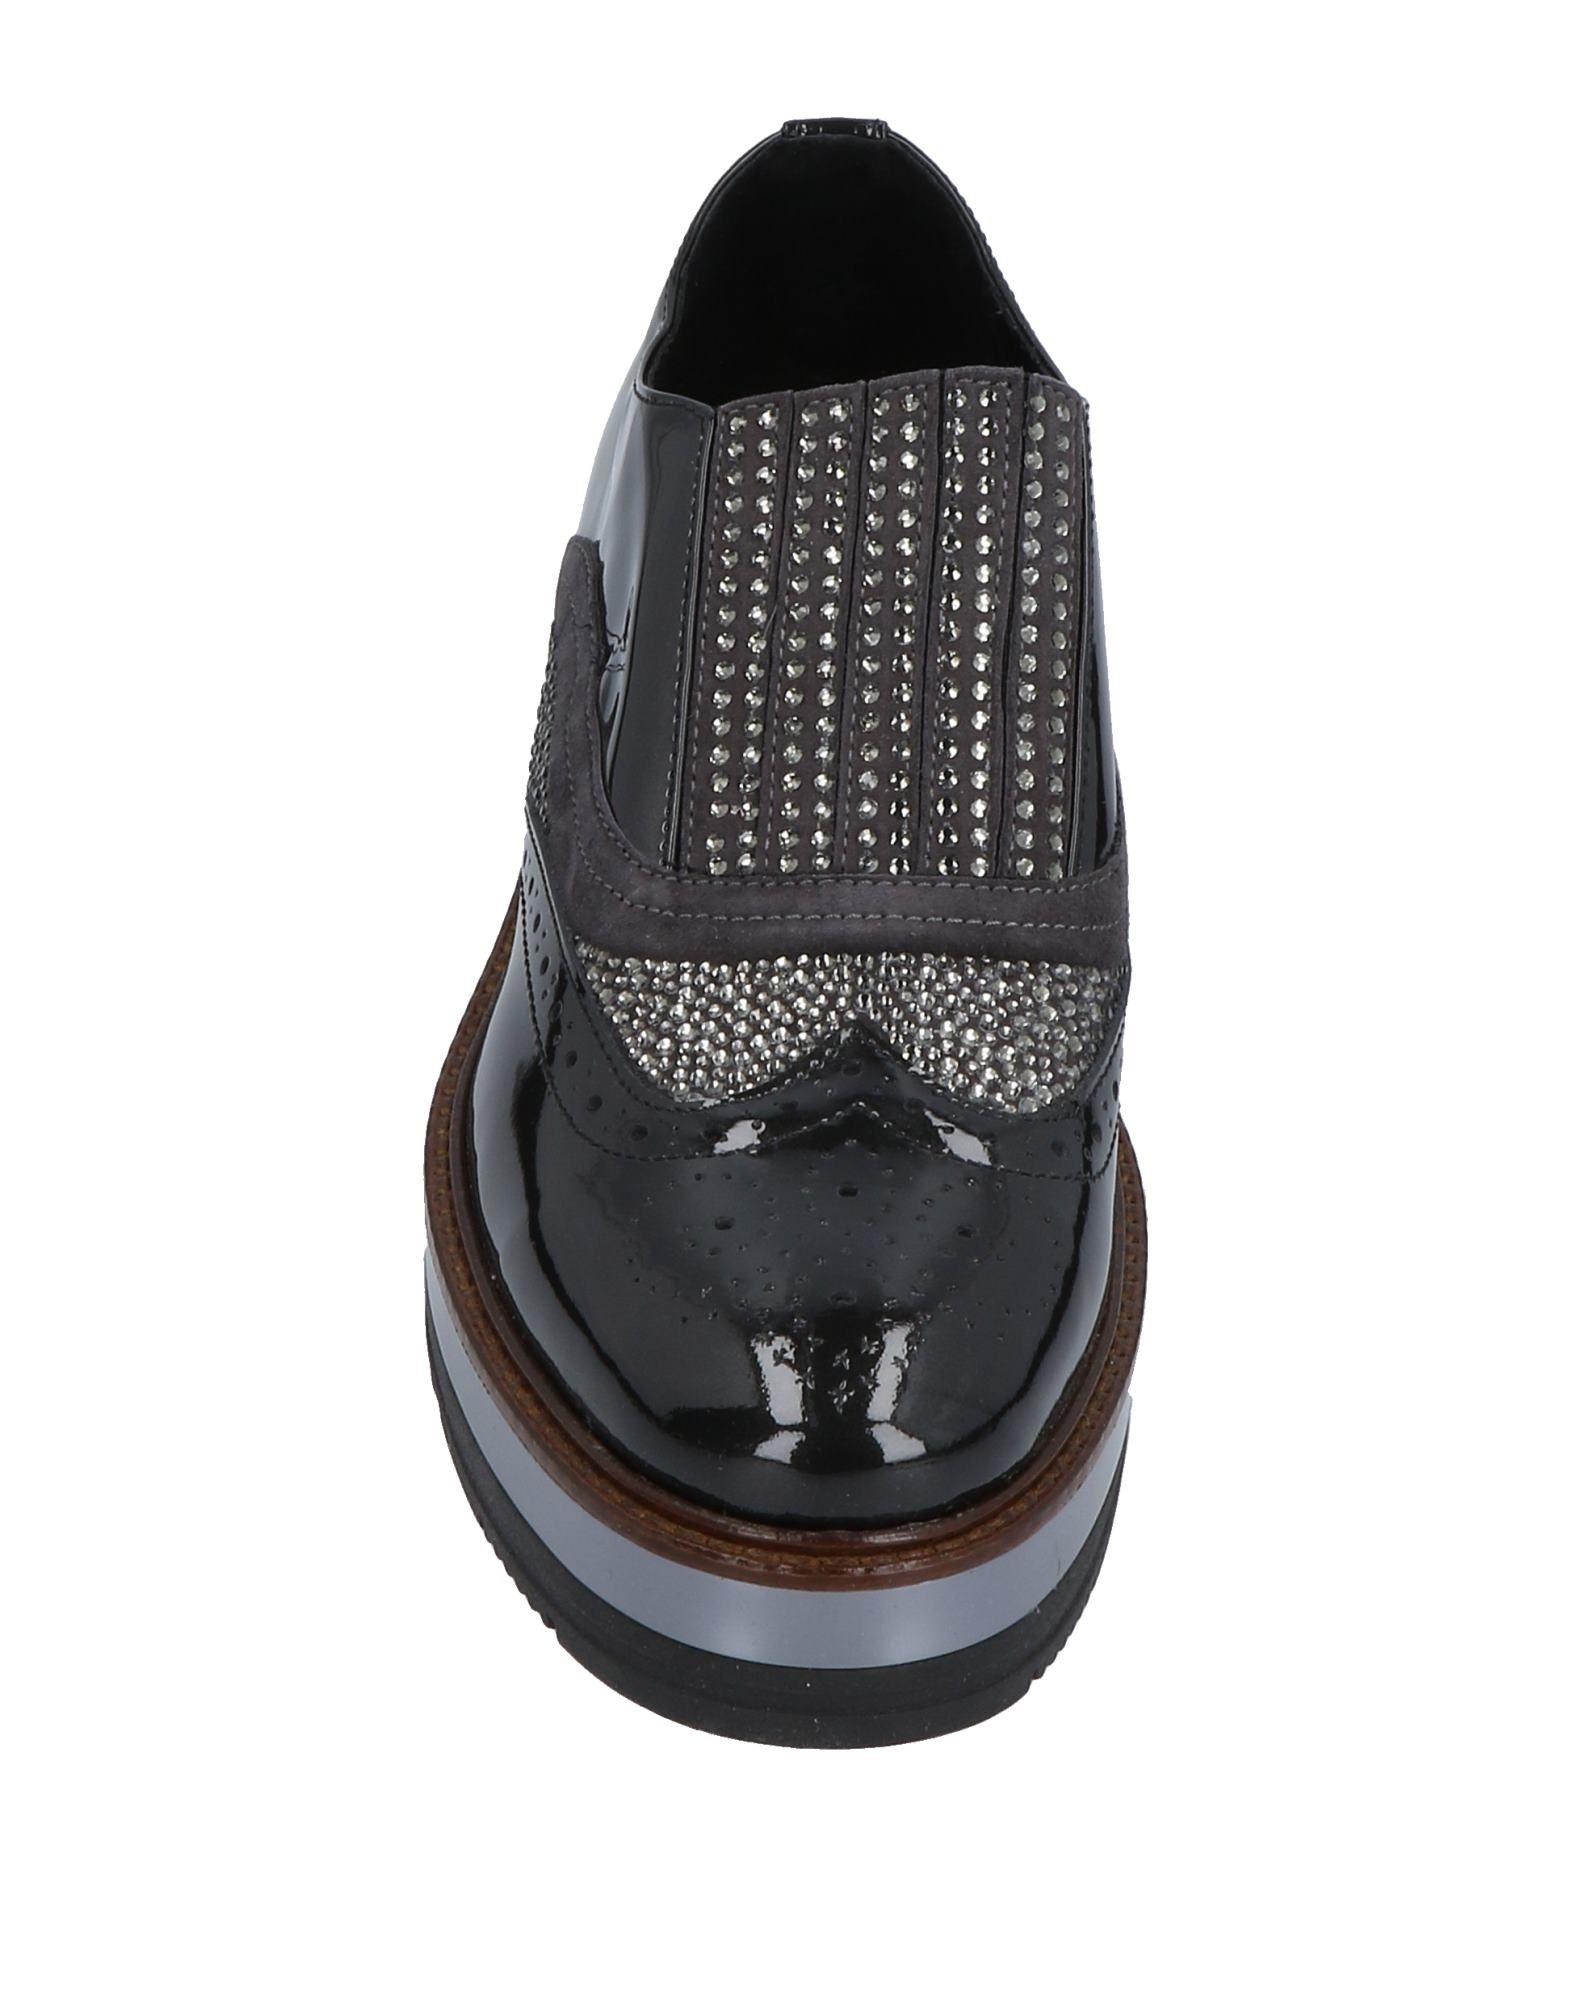 Loretta 11492238JJGut Pettinari Mokassins Damen  11492238JJGut Loretta aussehende strapazierfähige Schuhe ba2296